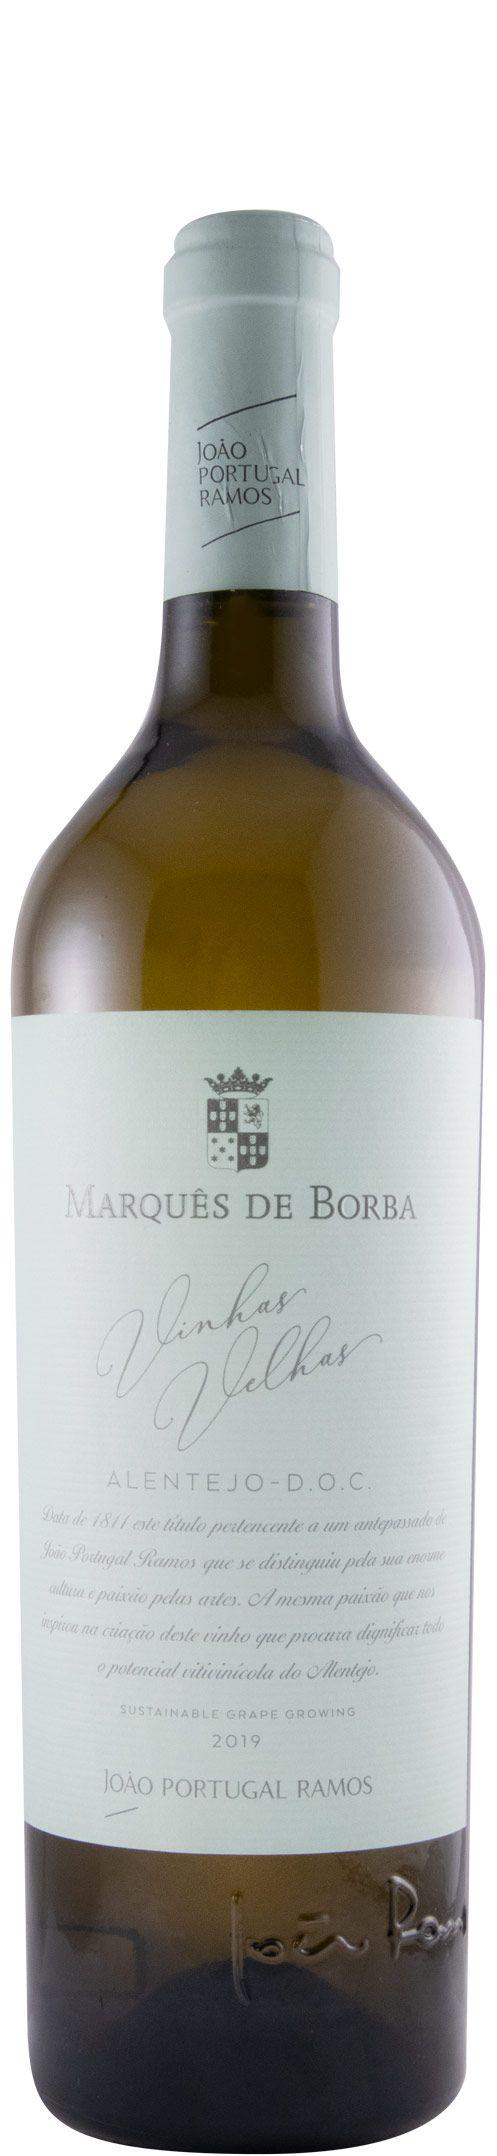 2019 João Portugal Ramos Marquês de Borba Vinhas Velhas branco